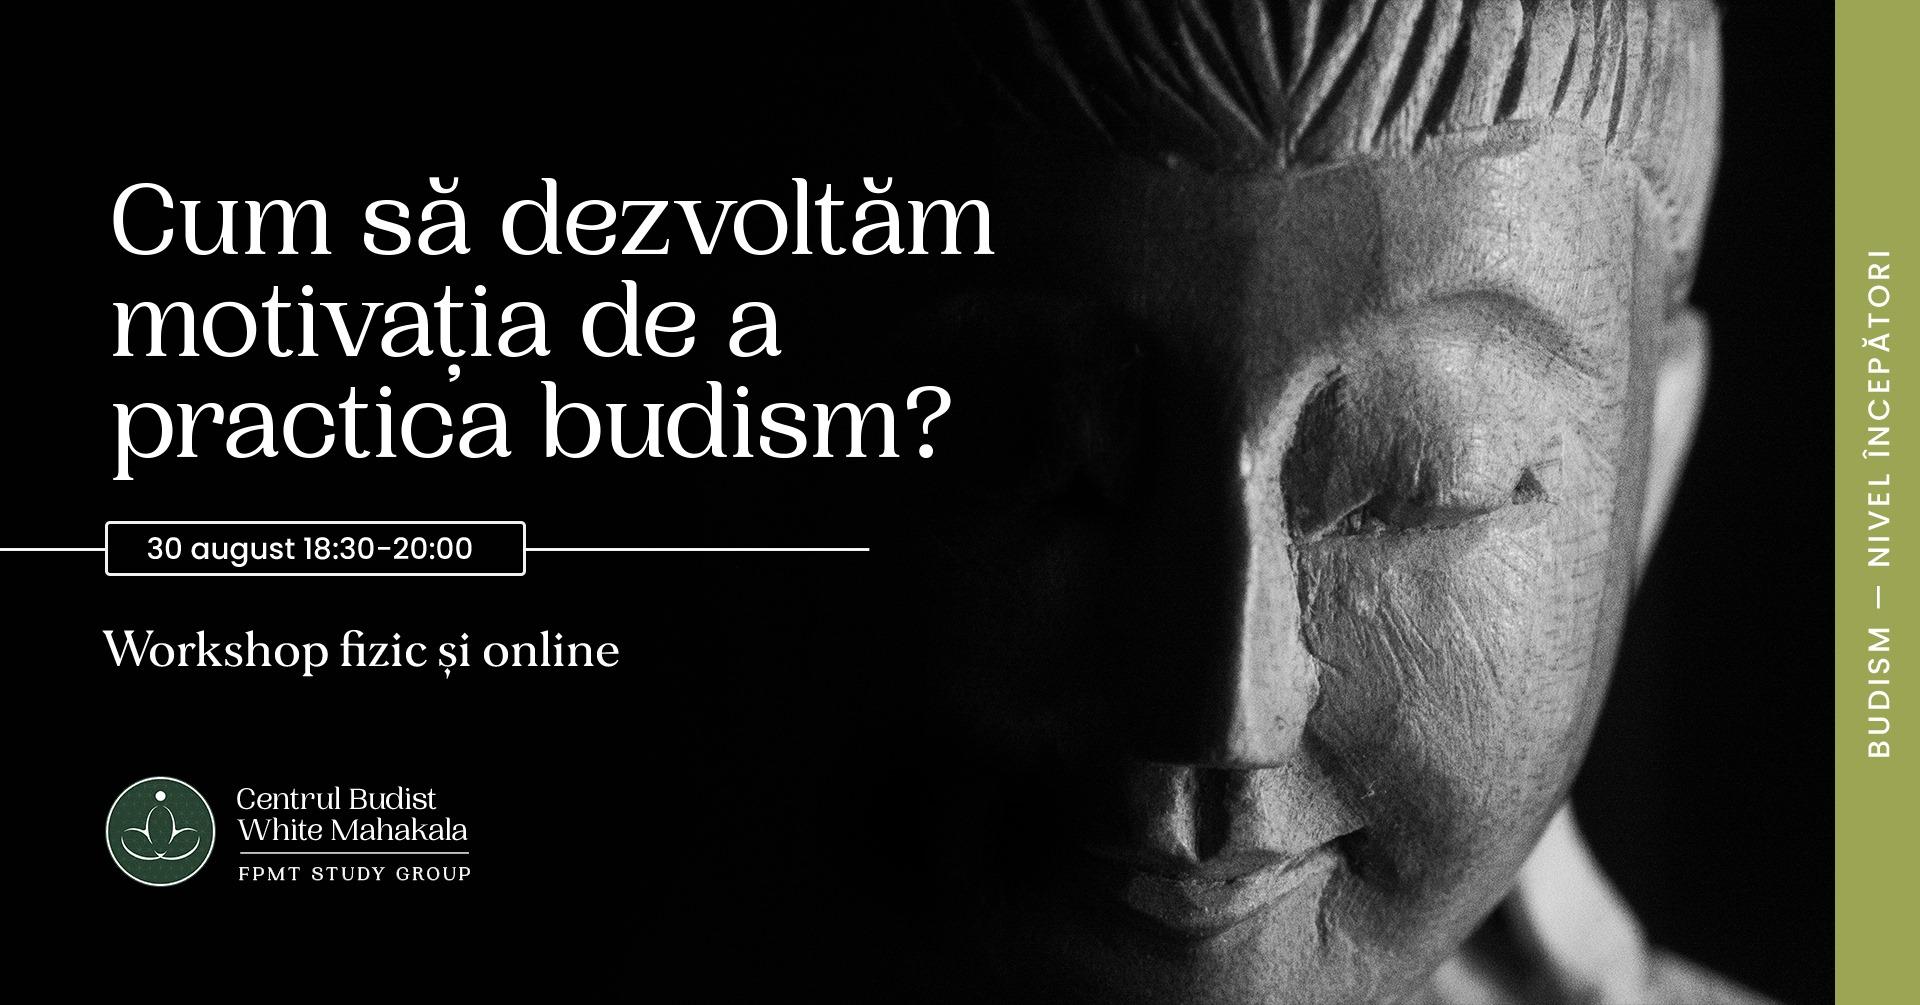 Cum sa dezvoltam motivatia de a practica budism?